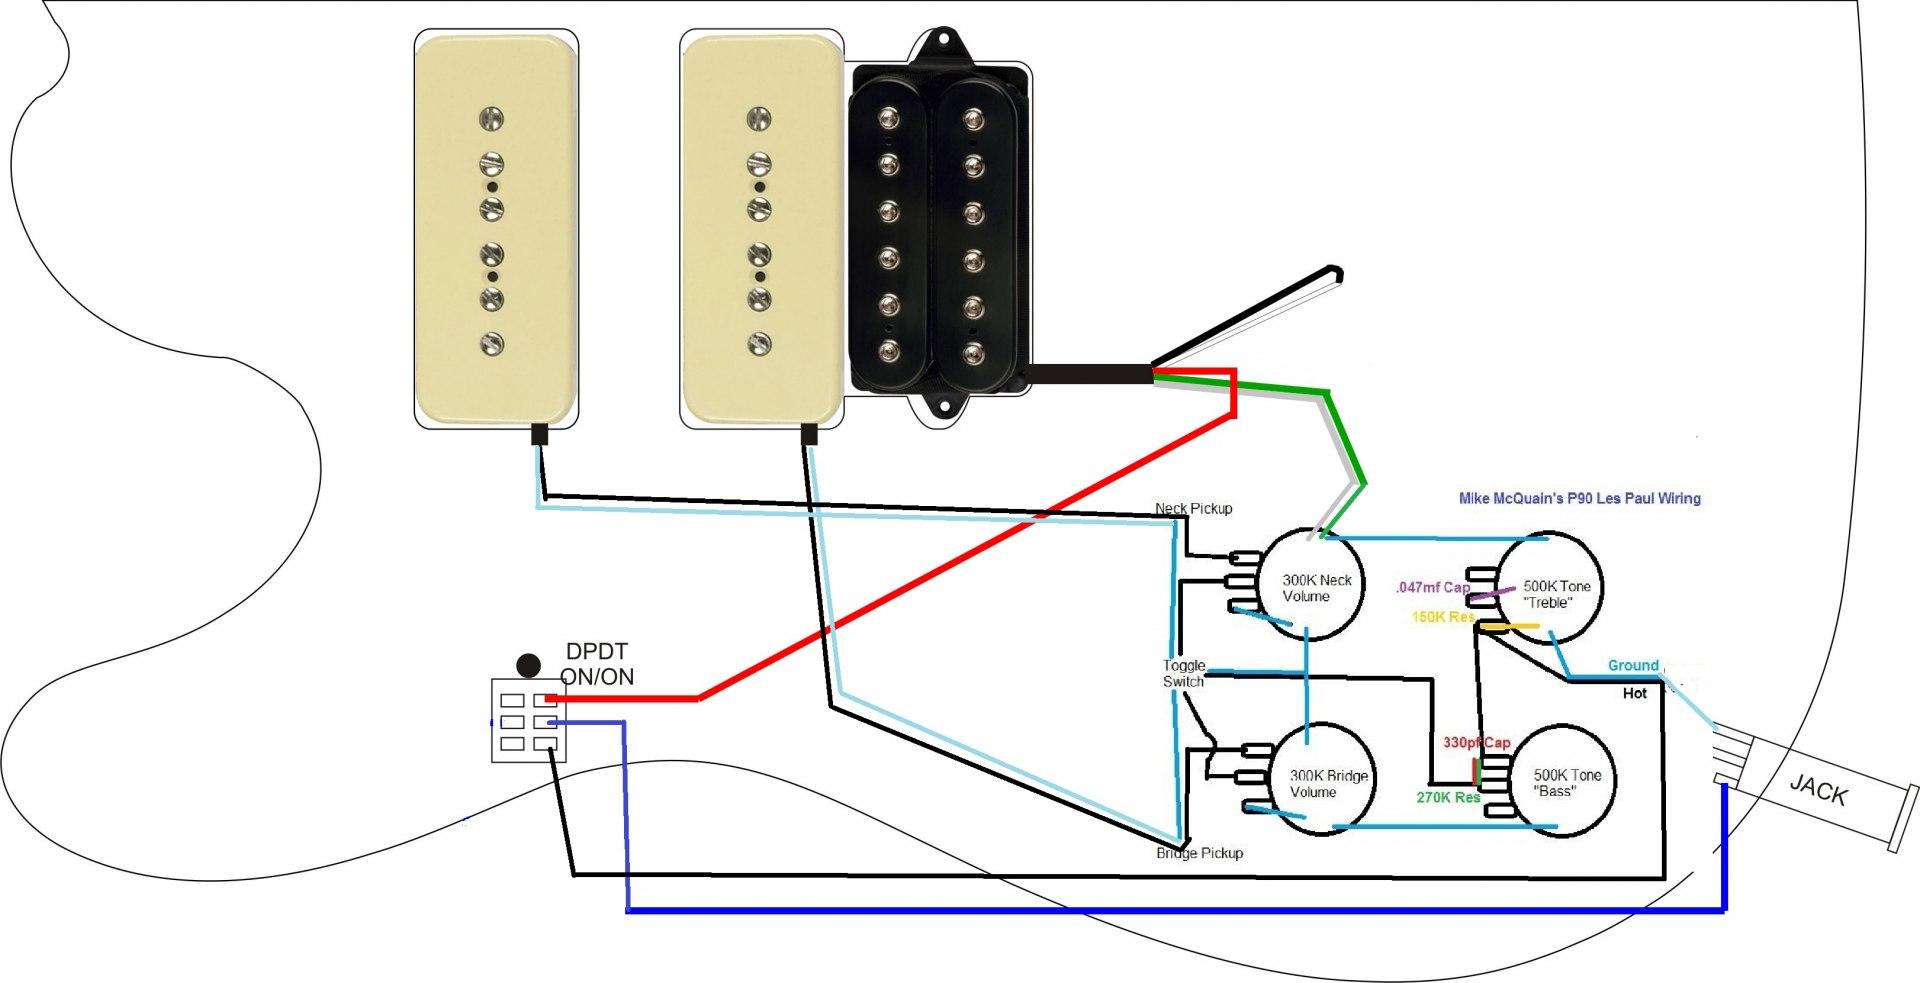 P90 Wiring Diagram Guitar - 17.dynotab.nl • on p90 pickup adjustment, p90 pickup installation, p90 wiring 3 pickups, les paul wiring diagram, gibson p 90 wiring diagram, p90 pickup cavity dimensions, p 90 wirig diagram, p90 pickup capacitor,